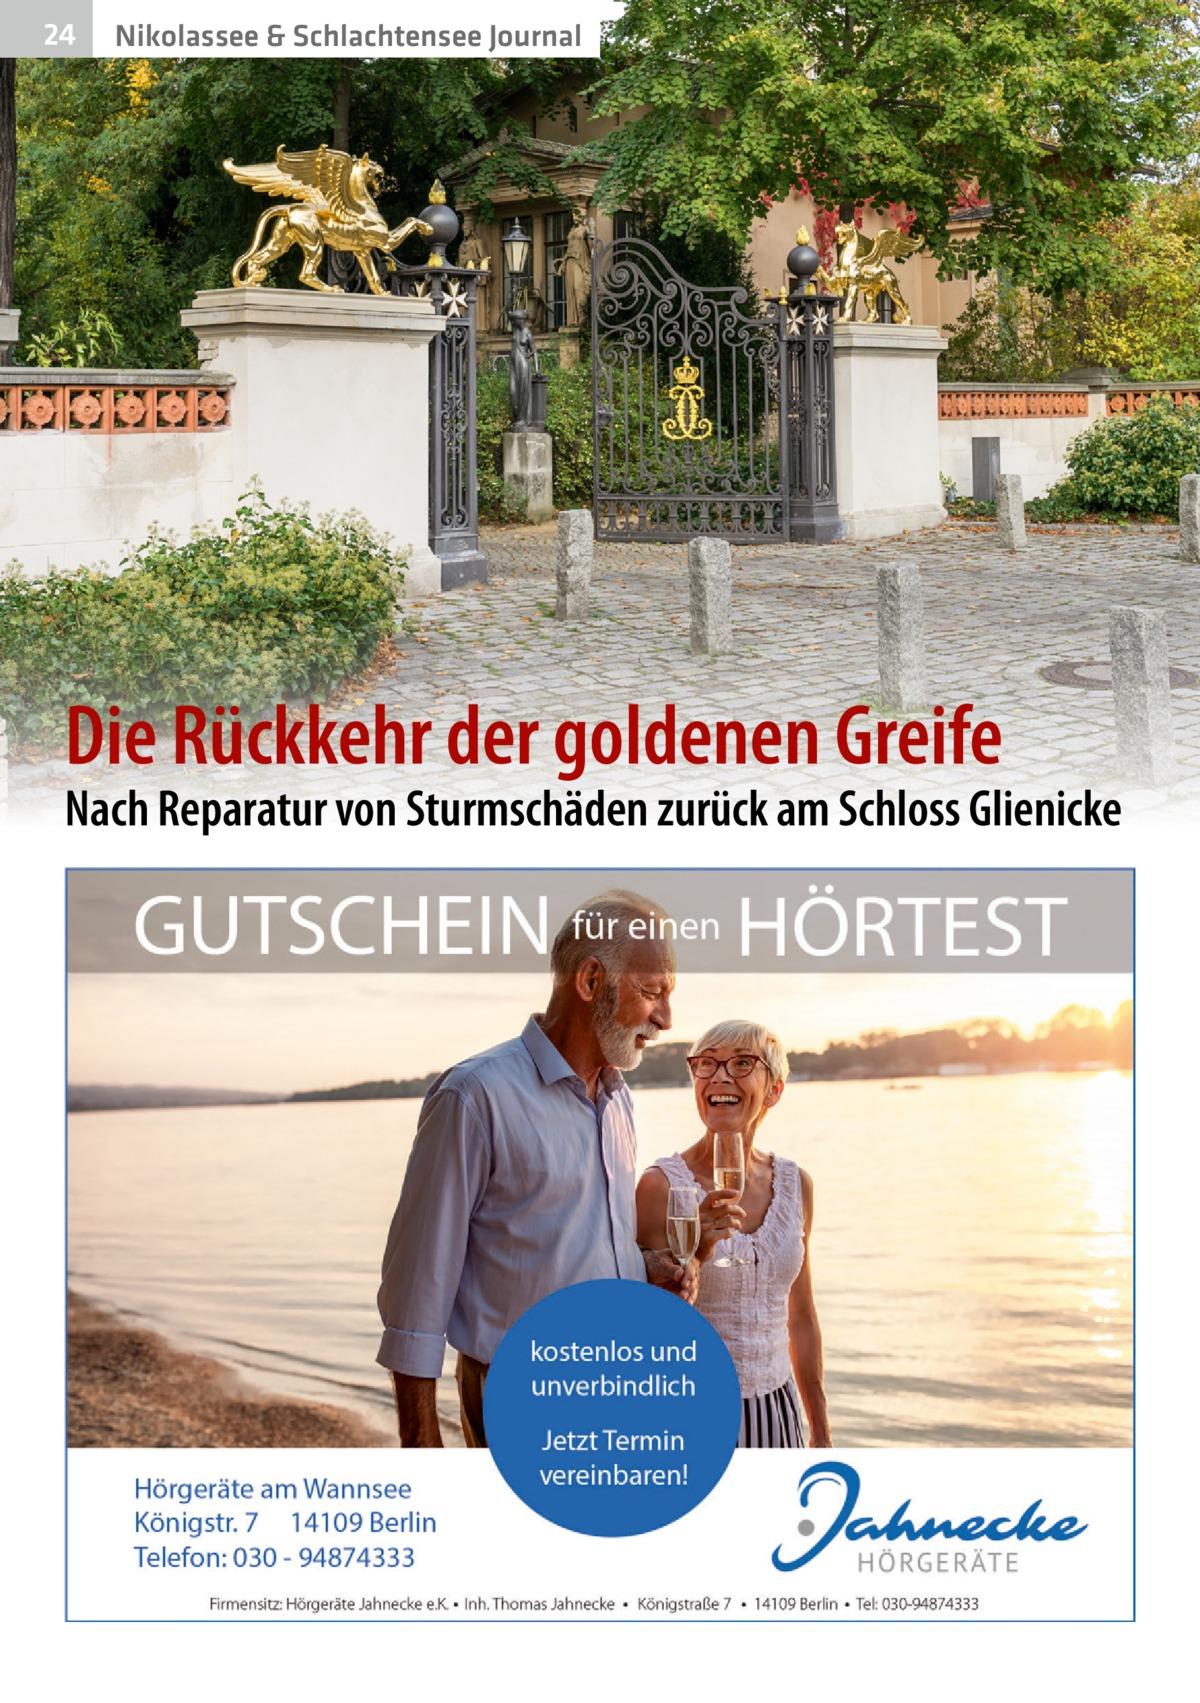 24  Nikolassee & Schlachtensee Journal  Die Rückkehr der goldenen Greife  Nach Reparatur von Sturmschäden zurück am Schloss Glienicke